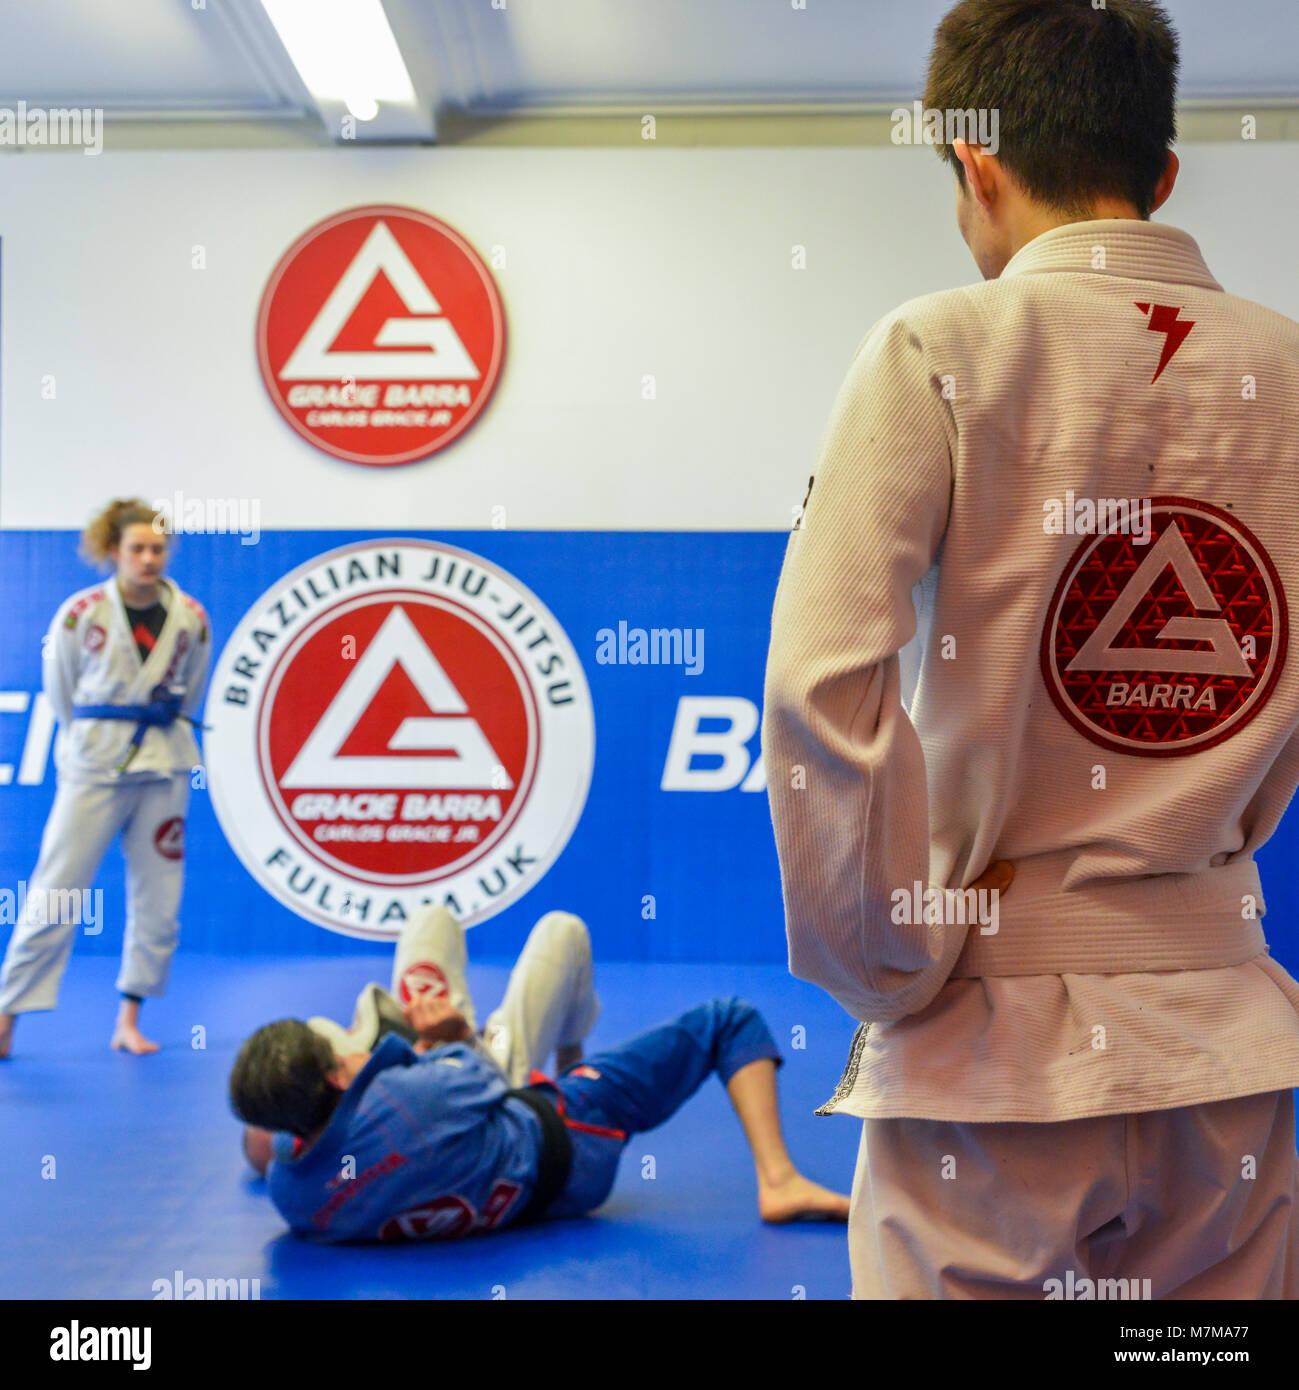 Kettlebell Training For Mixed Martial Arts Brazilian Jiu: Brazilian Jiu Jitsu Stock Photos & Brazilian Jiu Jitsu